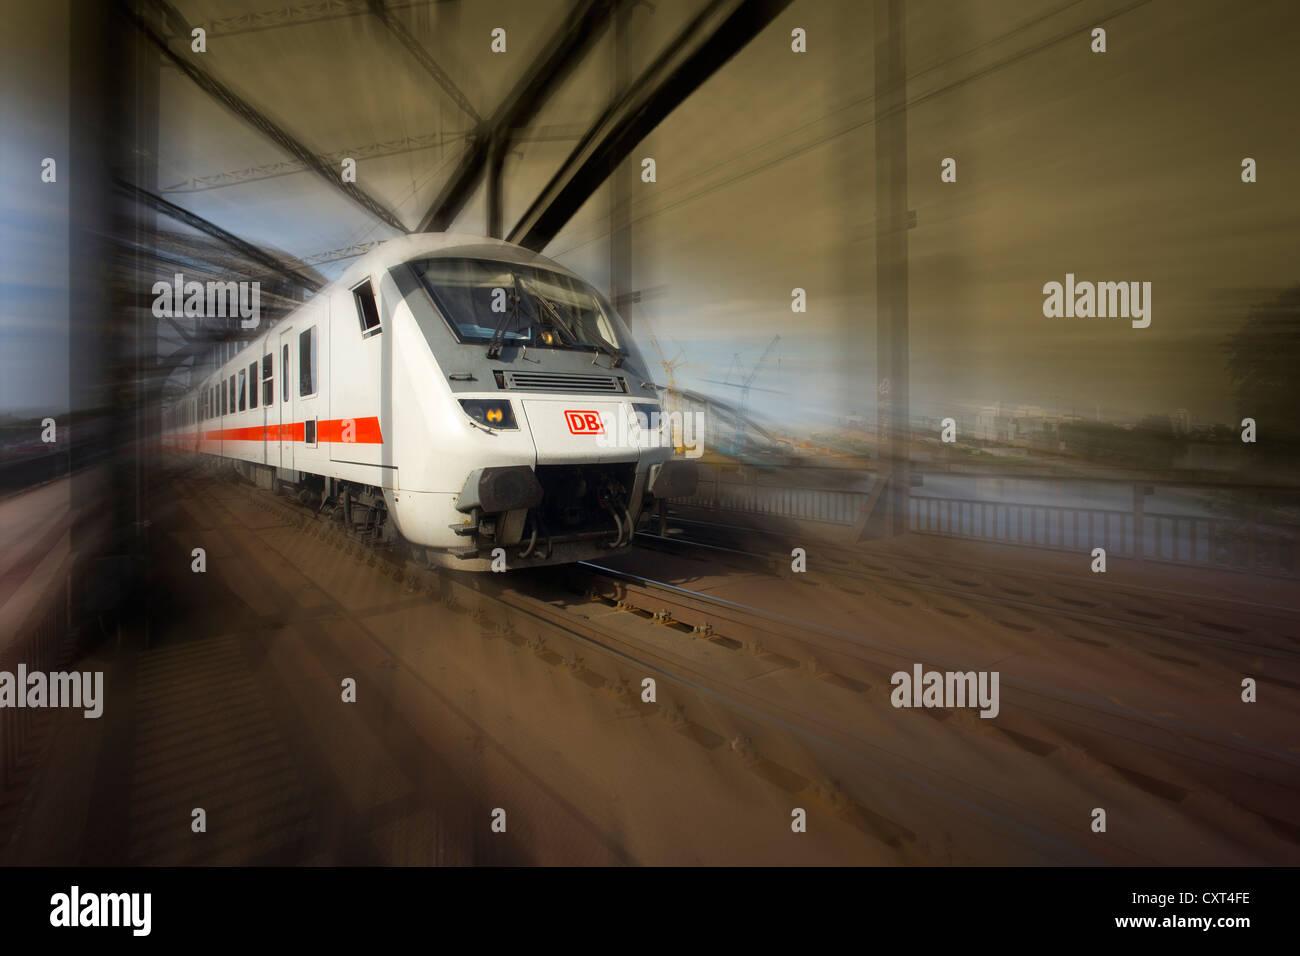 Deutsche Bahn, Deutsche Bahn, s-Bahn, Deutschherrnbruecke Brücke, Frankfurt am Main, Deutschland, Europa, PublicGround Stockbild